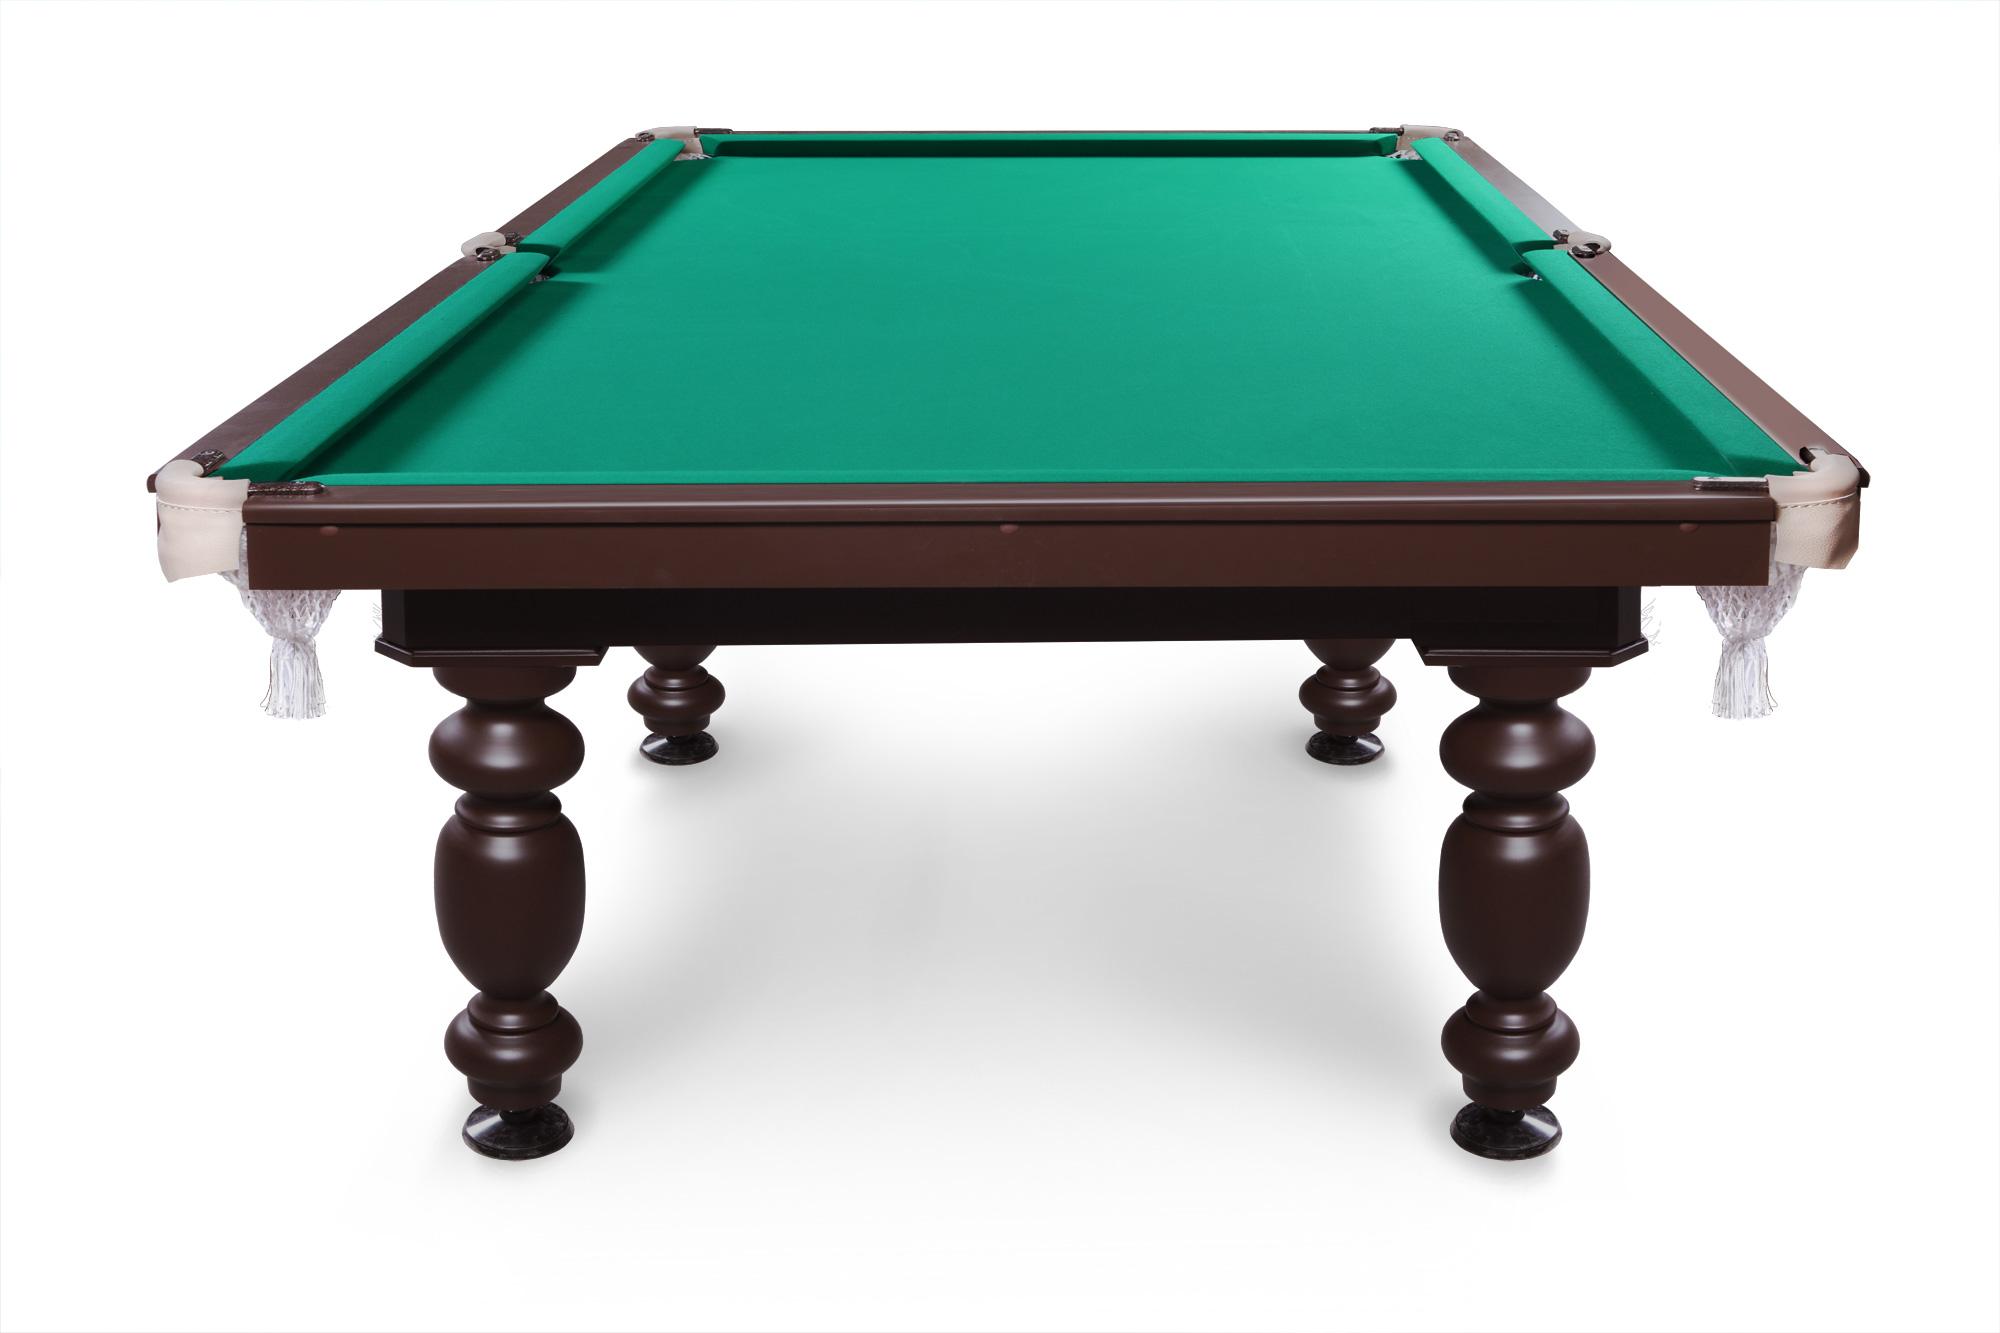 бильярдный стол фото размеры городе ижевске